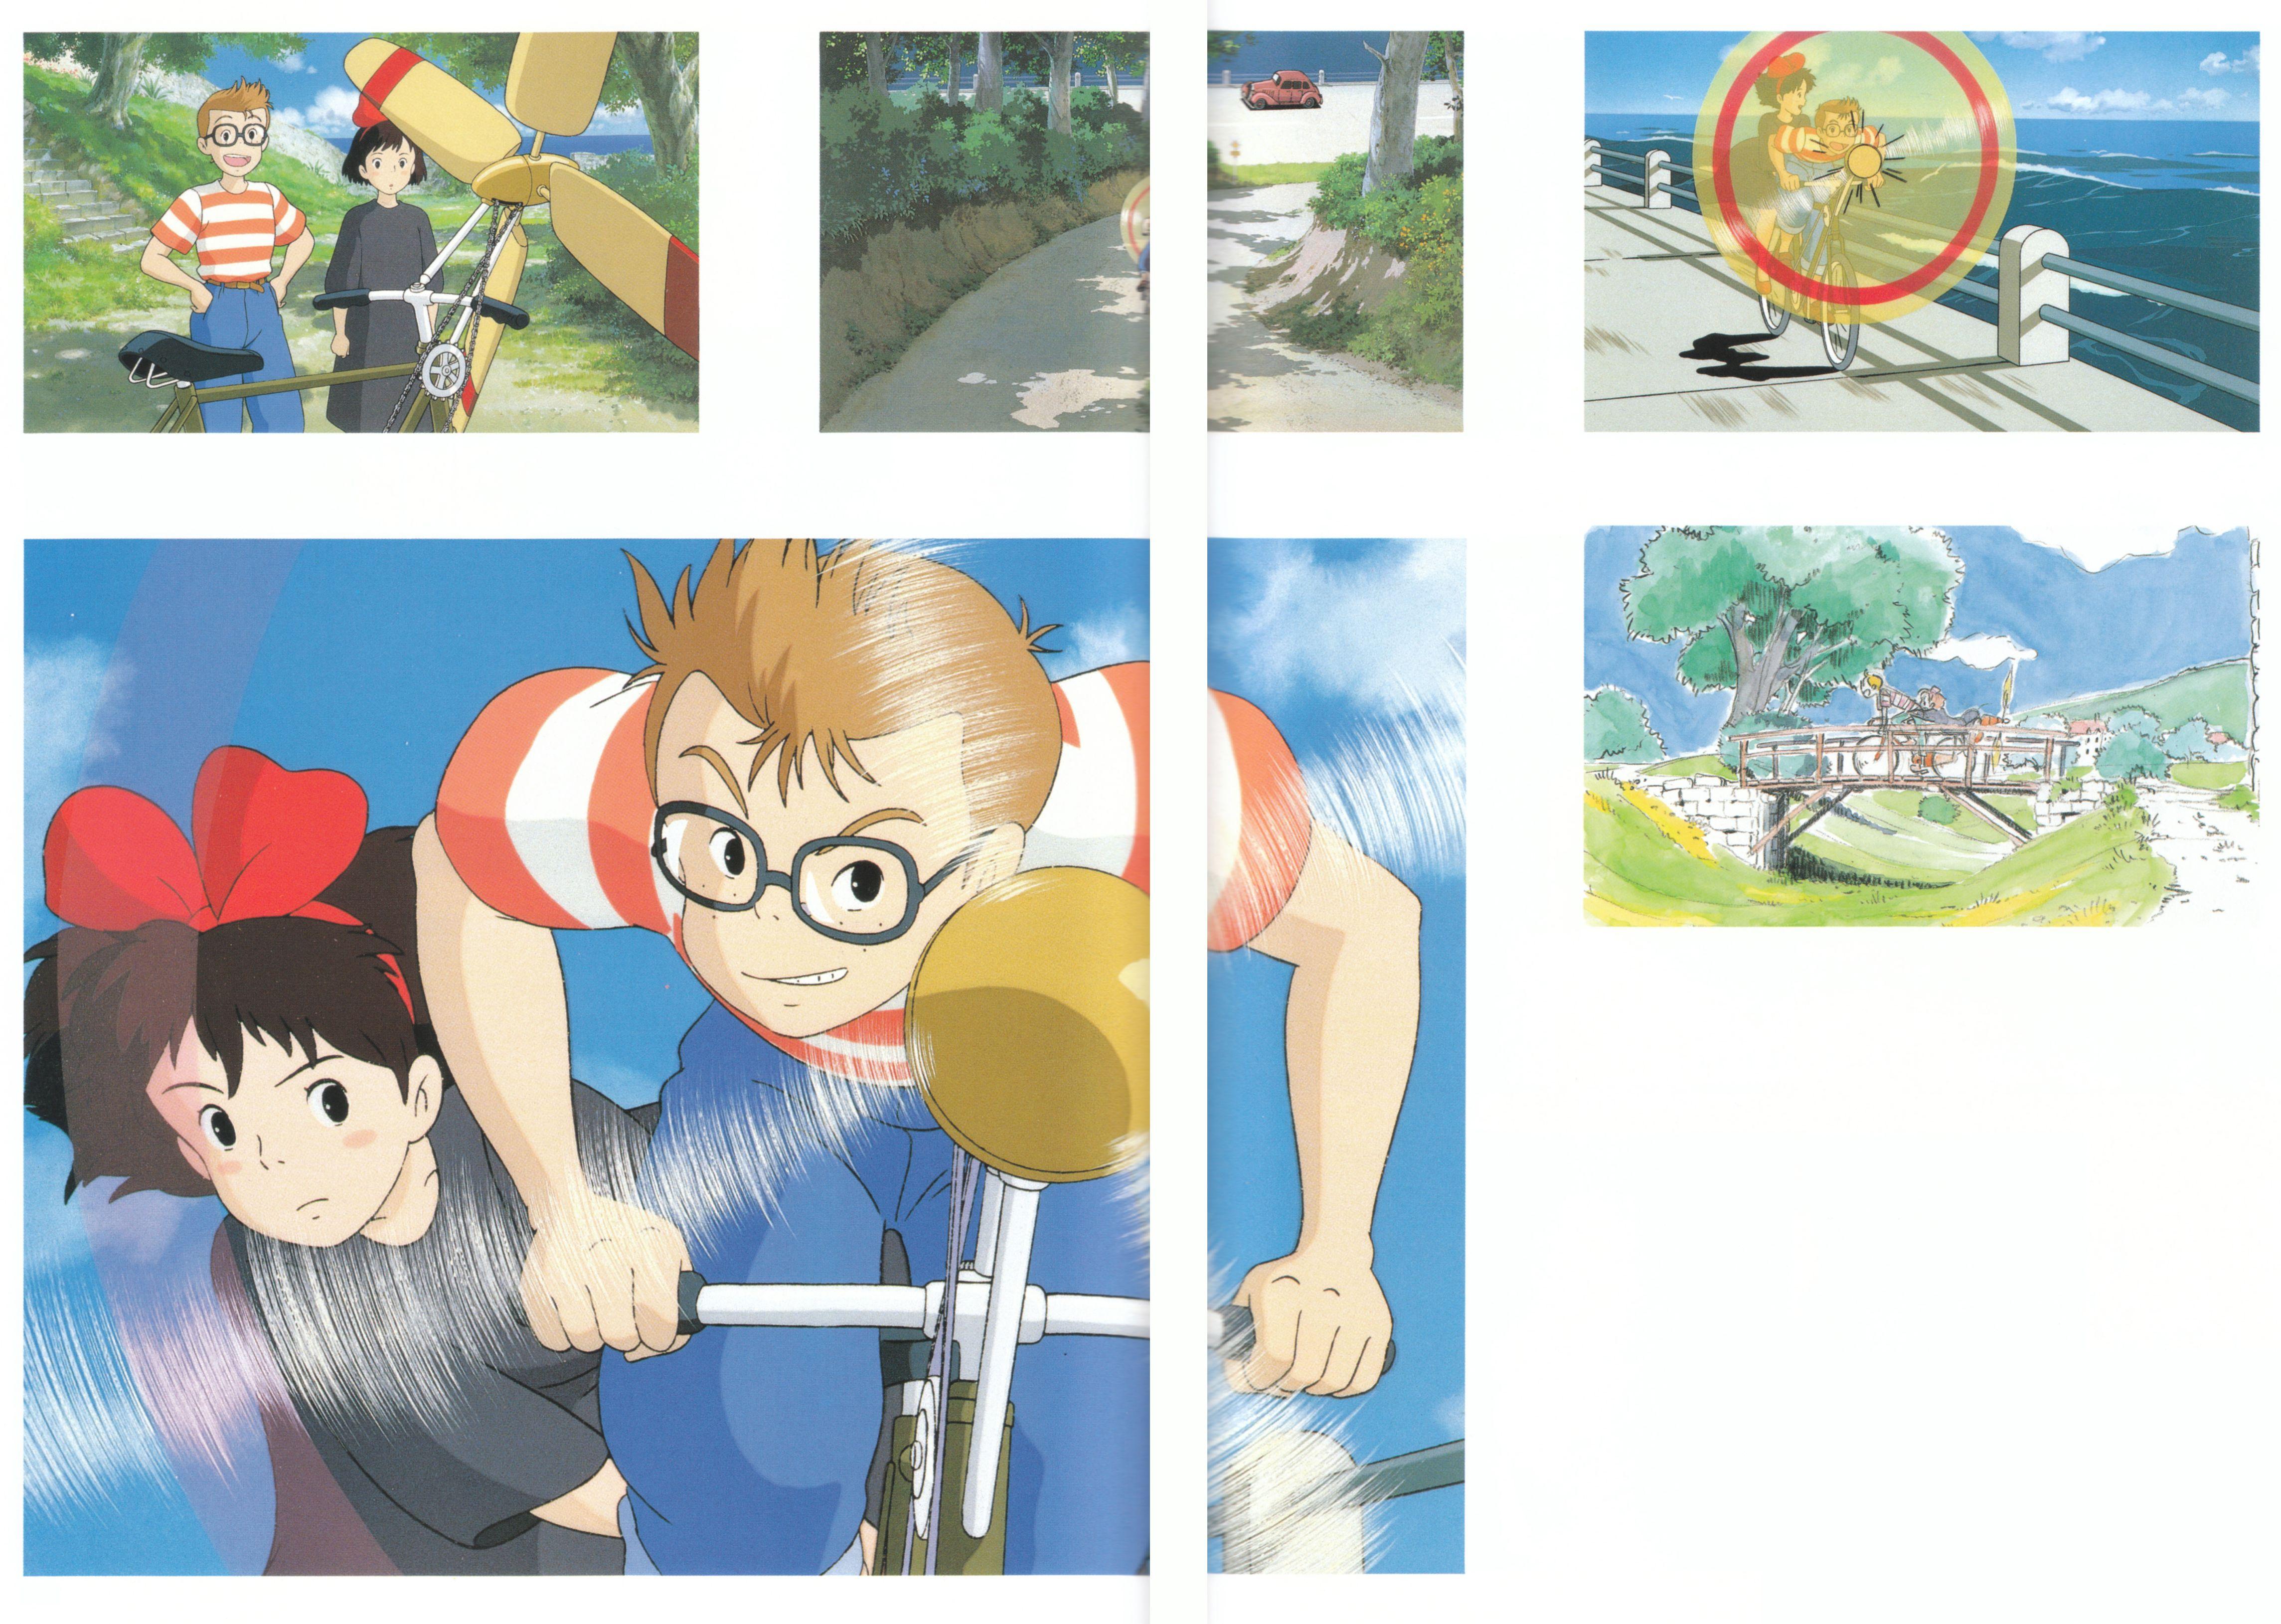 Kiki's Delivery Service Hayao Miyazaki Studio Ghibli